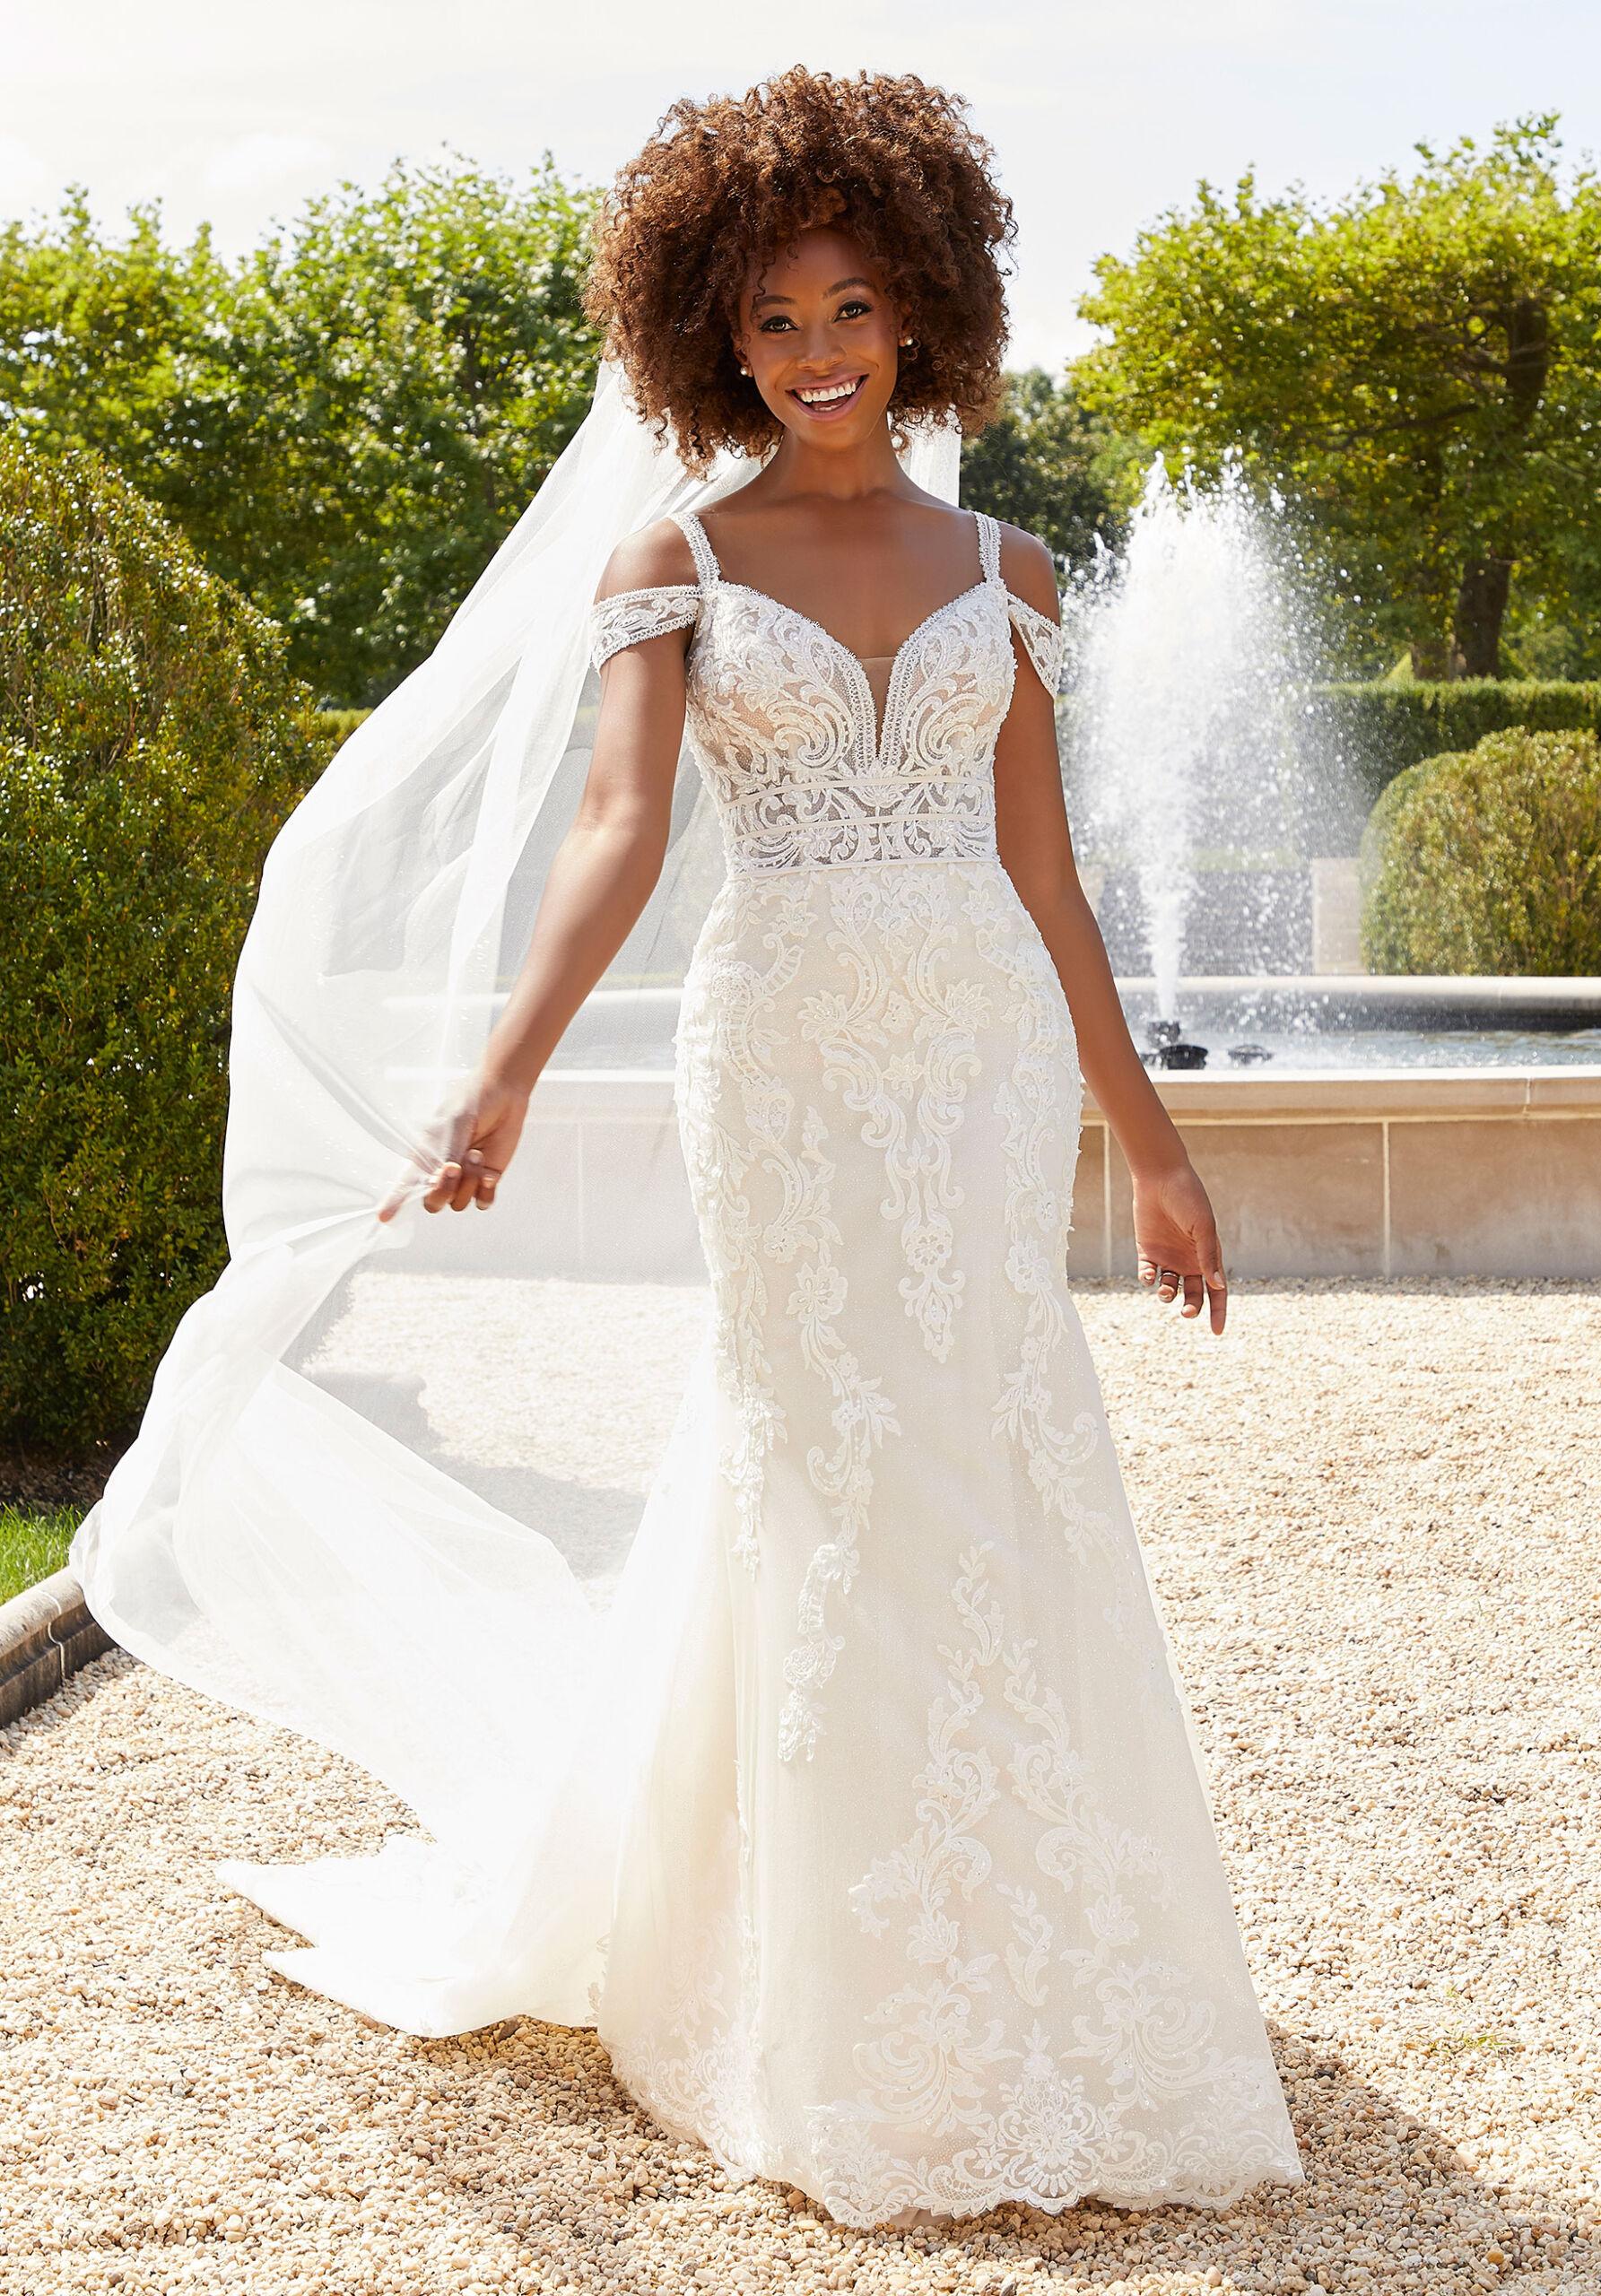 morilee-bridal-gown-06.jpg